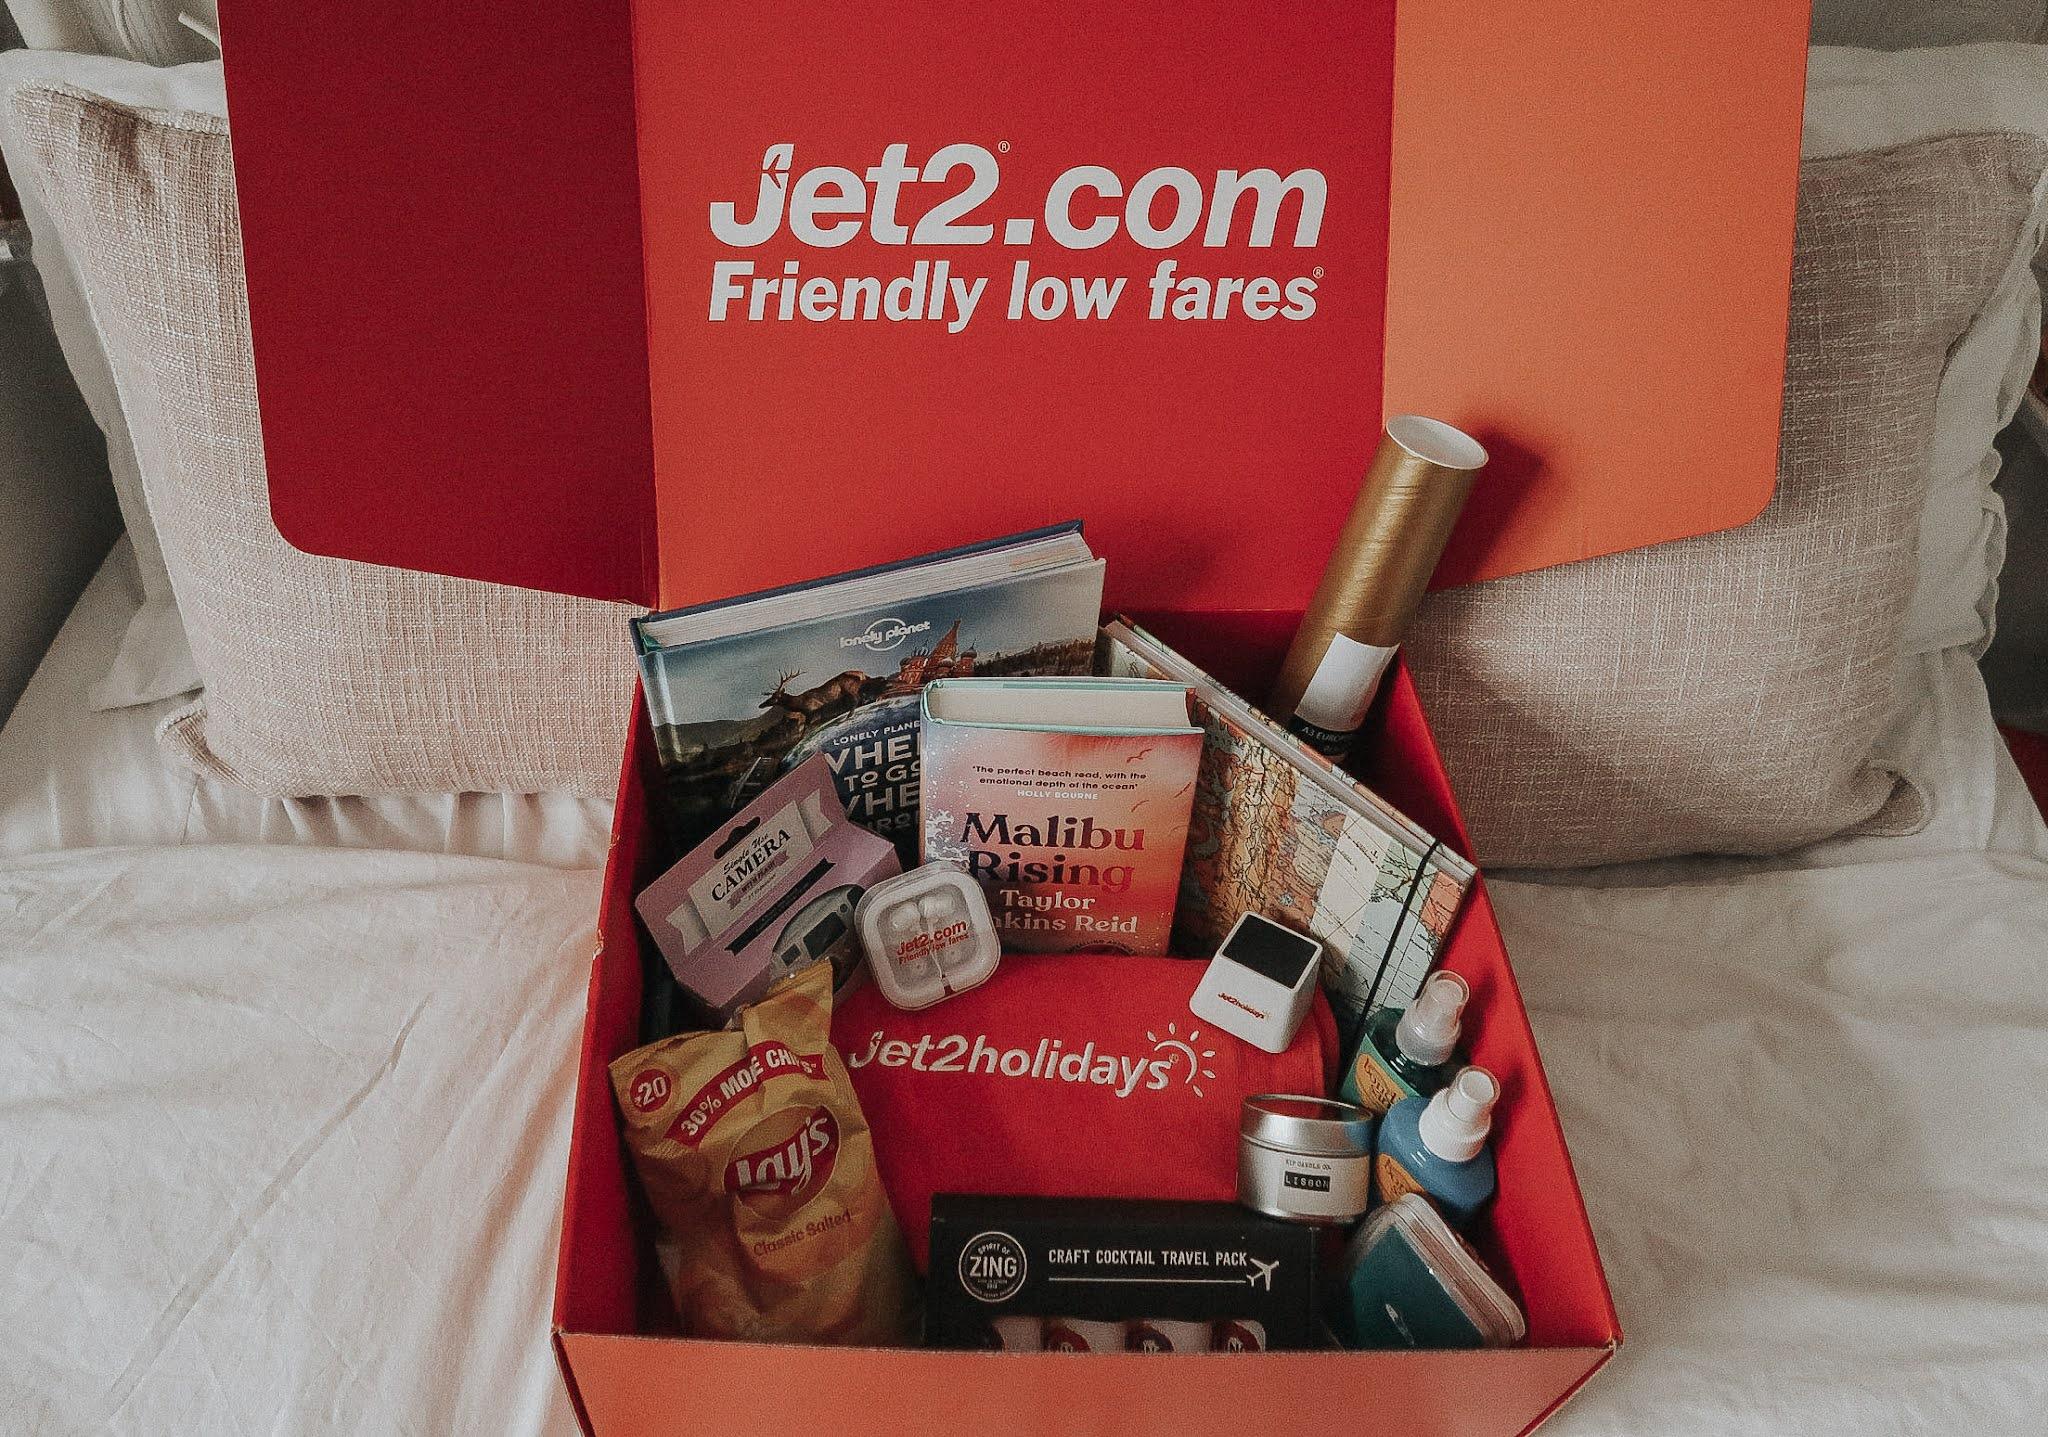 A red Jet2.com box with travel essentials.